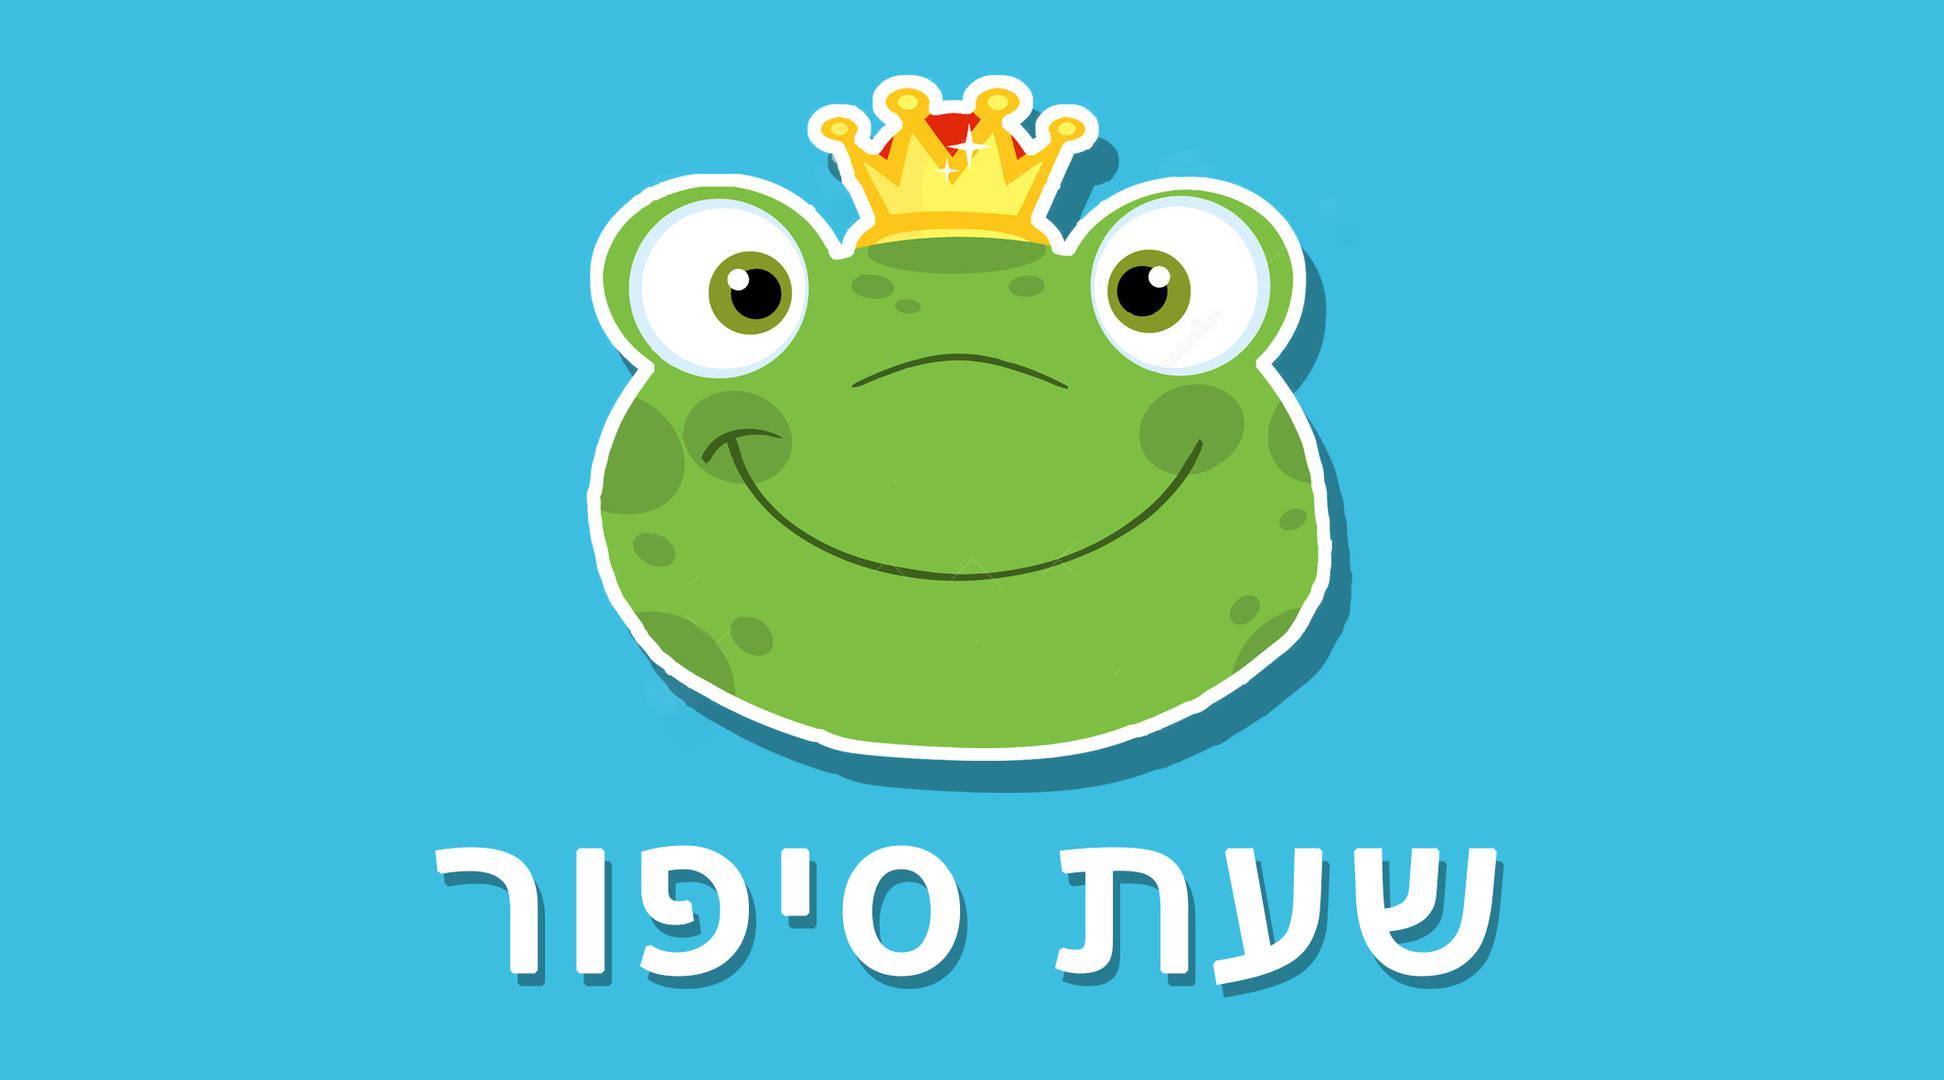 תמונה של צפרדע